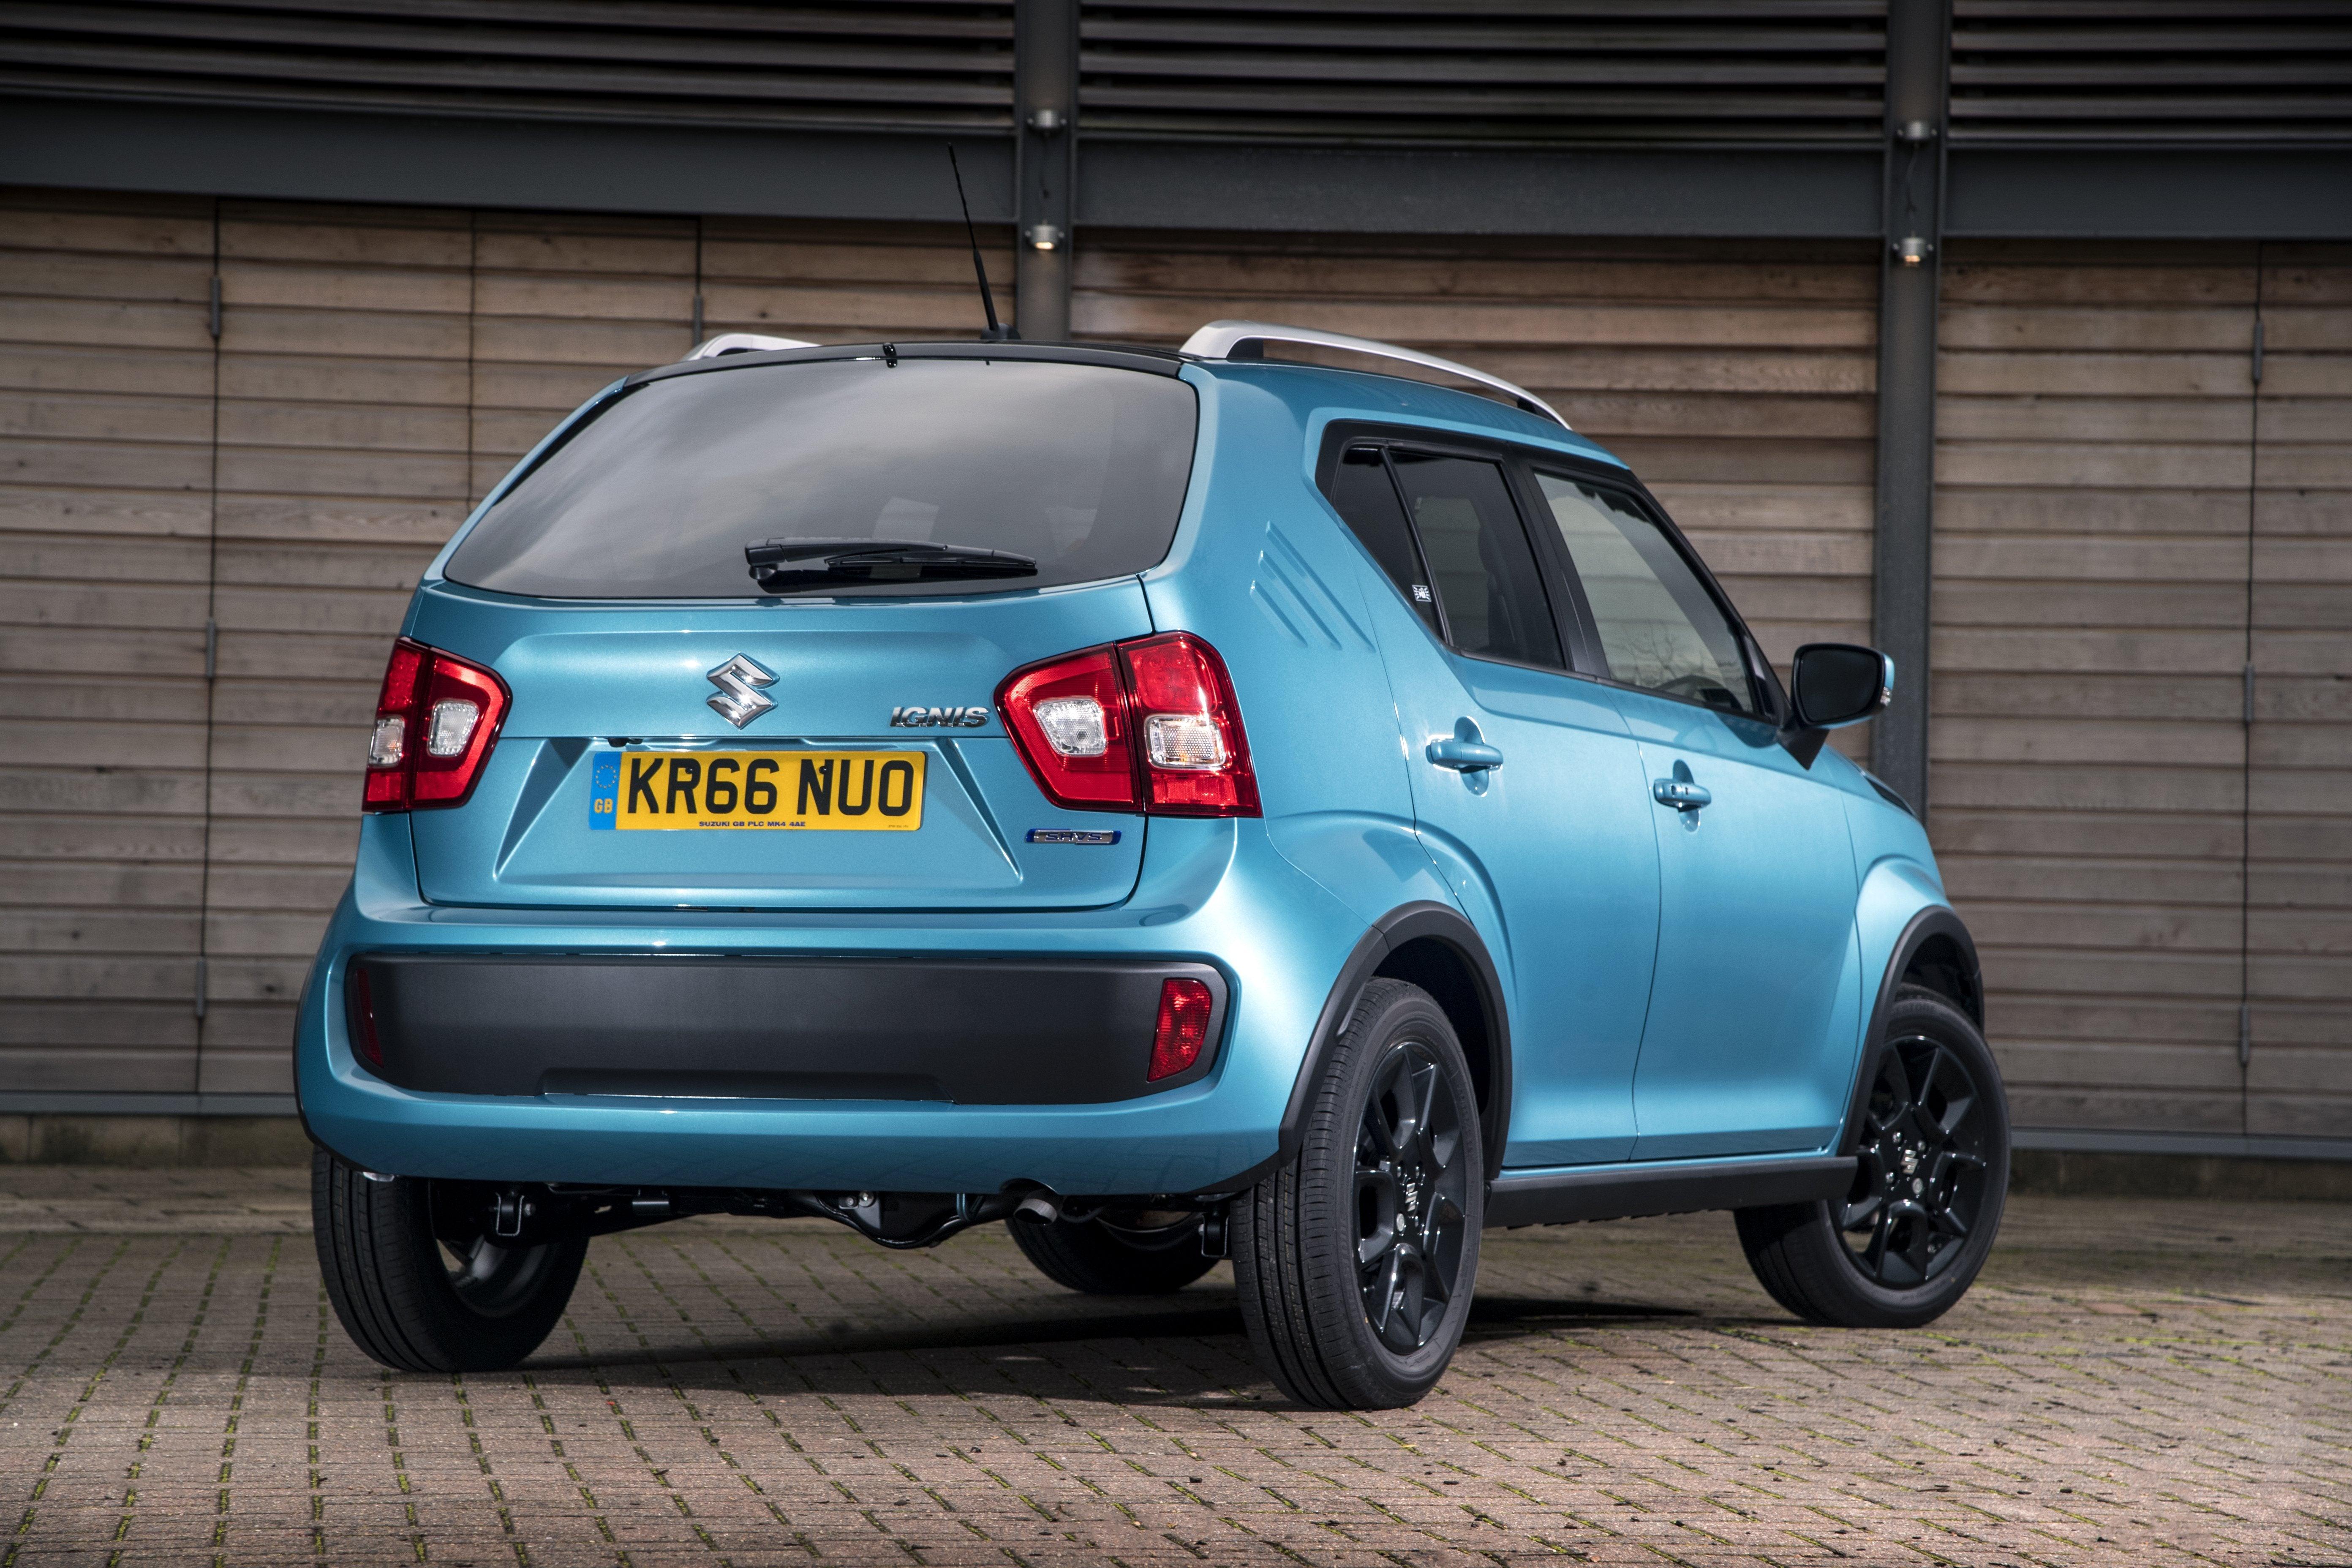 Suzuki Ignis Rear Side View